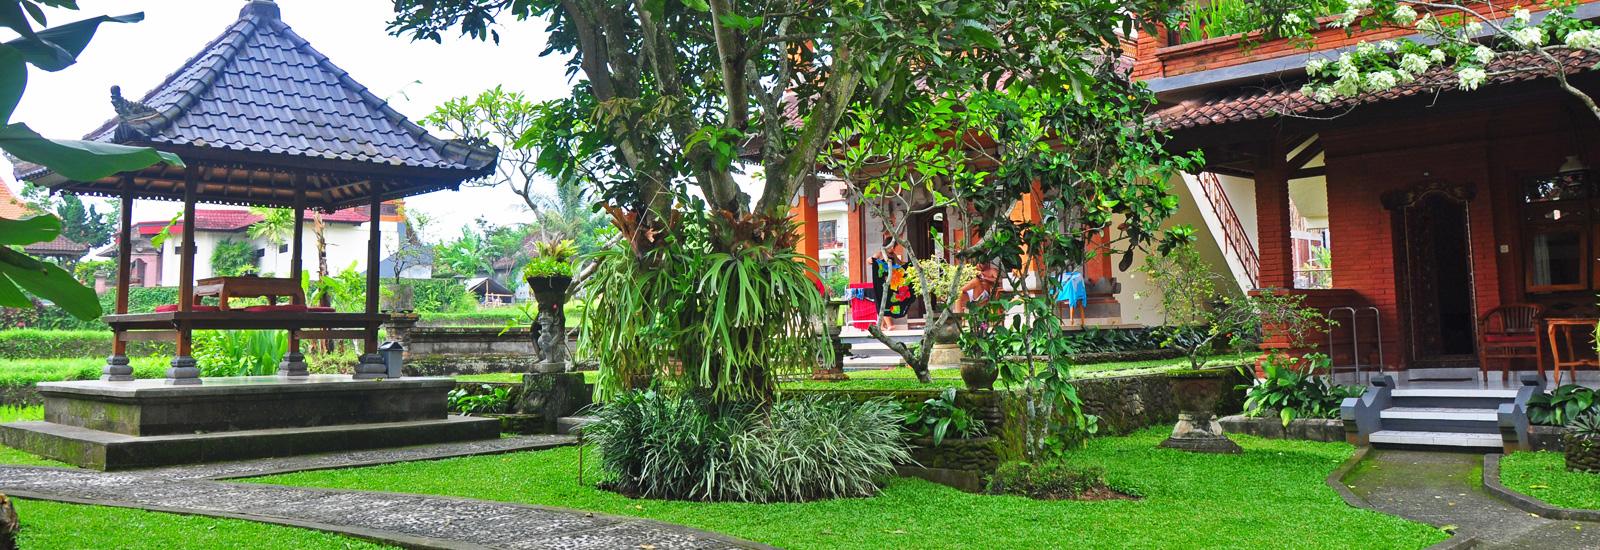 Alojamiento en Nick's Pension, Ubud